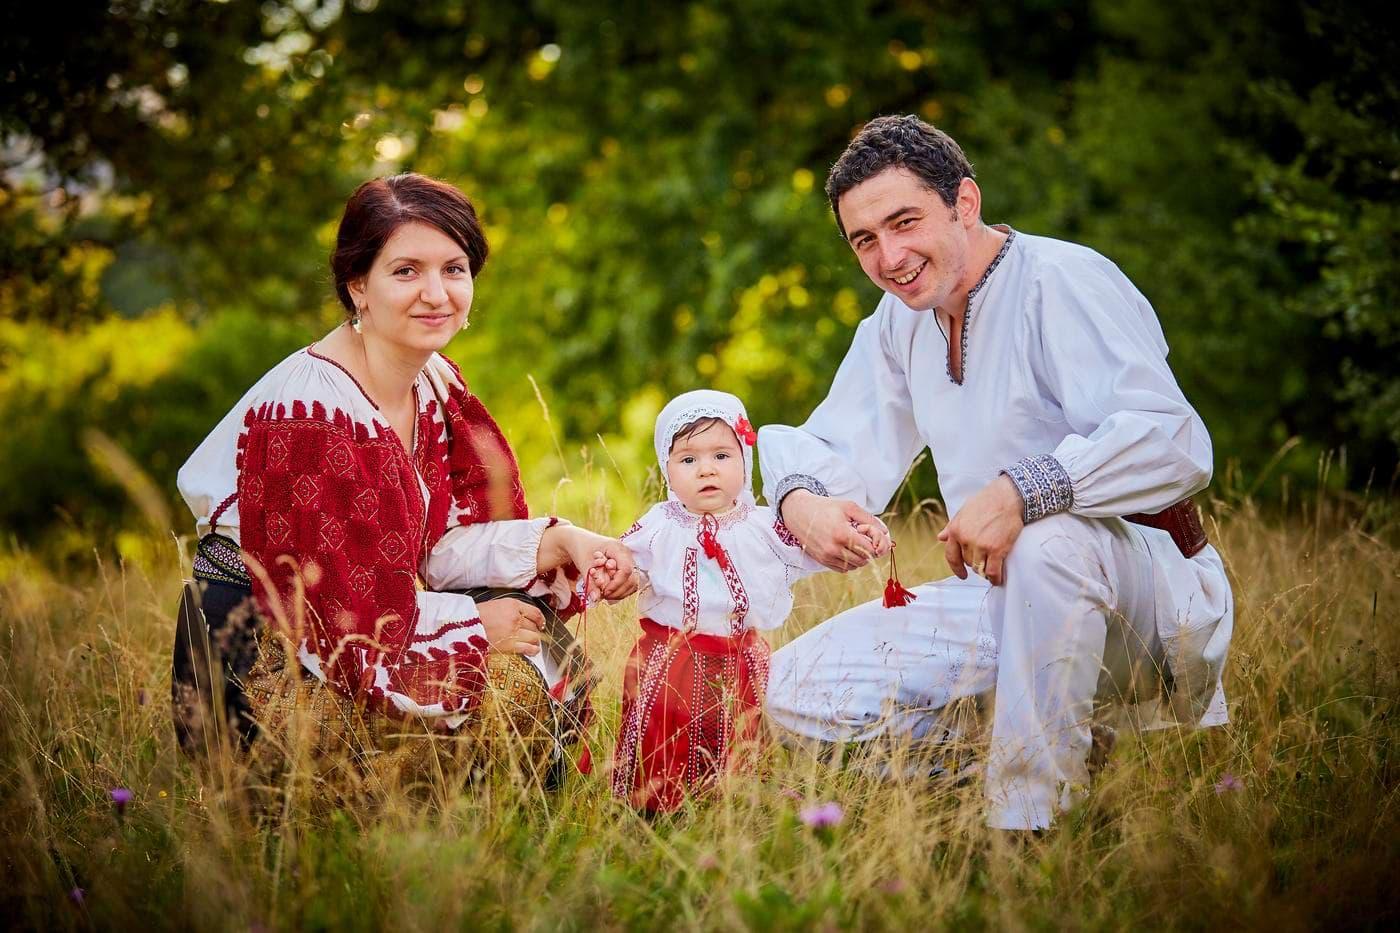 Familie in costum popular